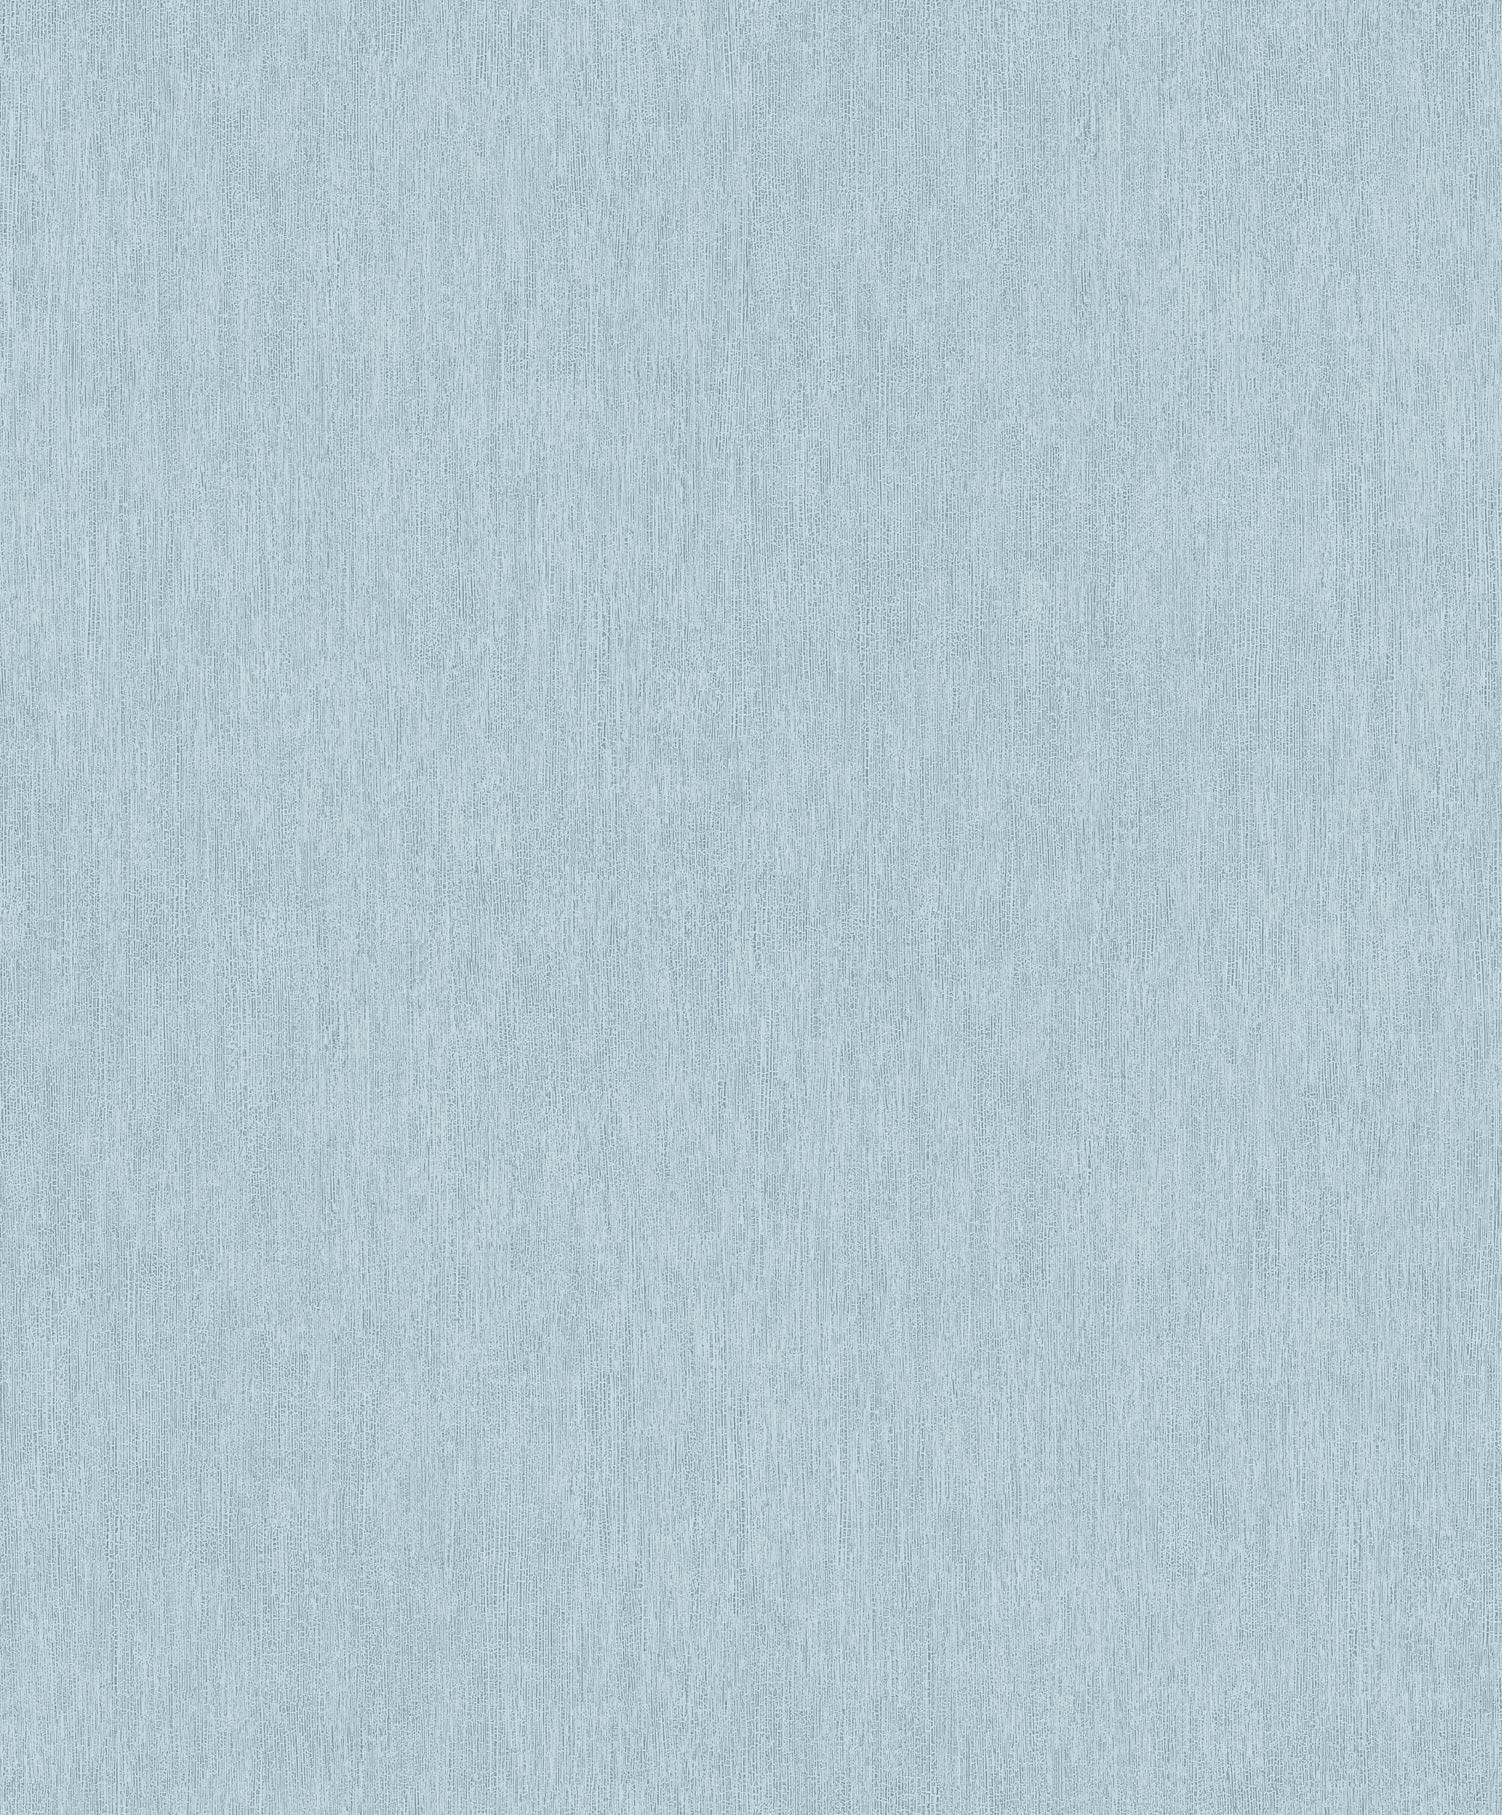 Обои Ugepa Couleurs j75101 (Угепа)